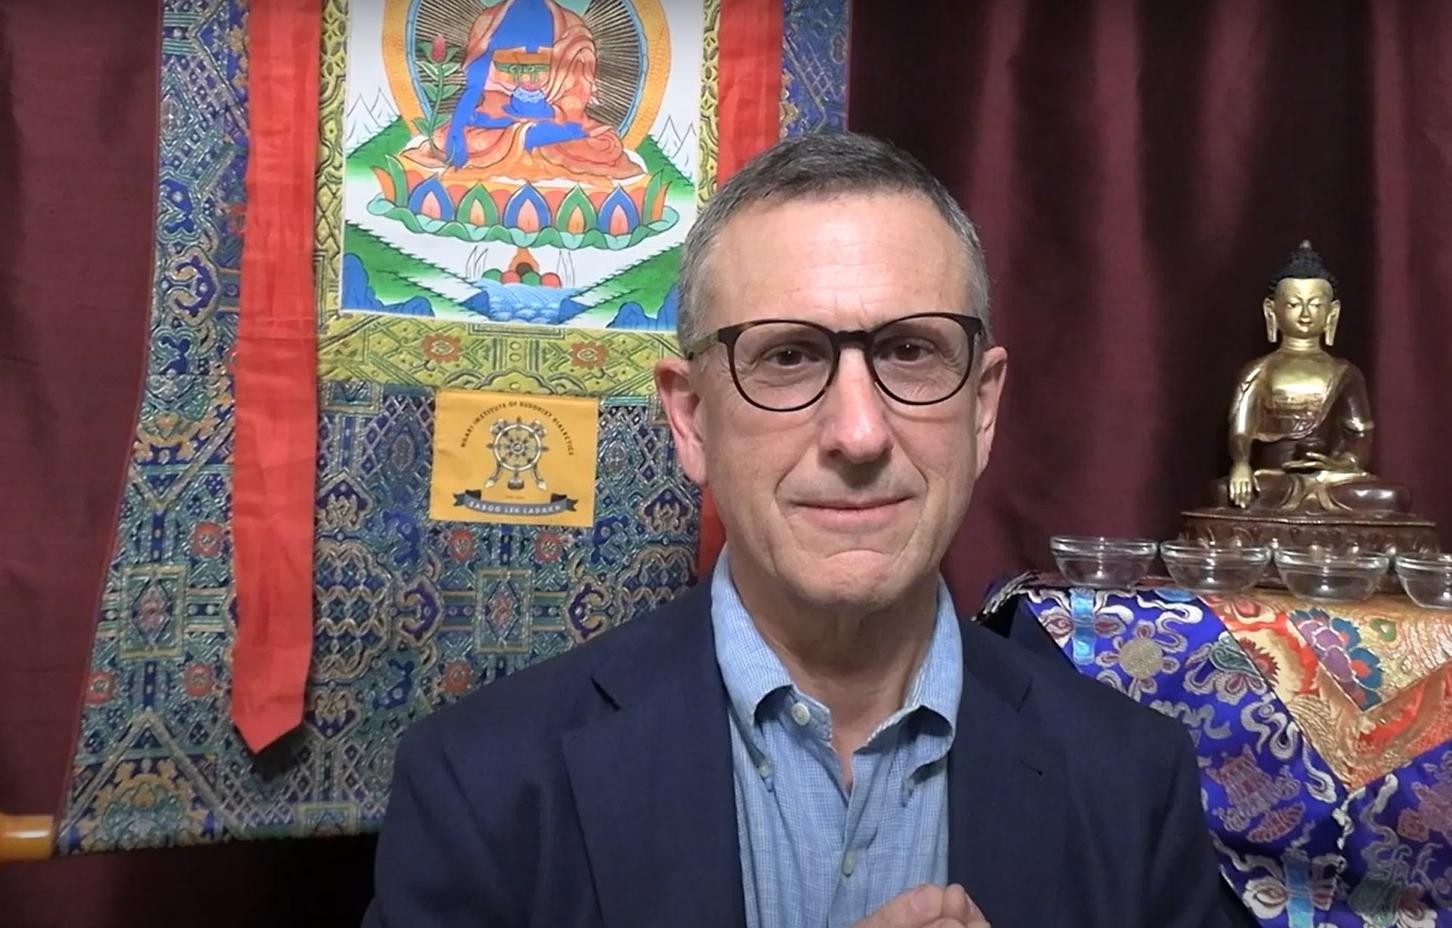 Lama Yeshe Jinpa Saga Dawa Greetings